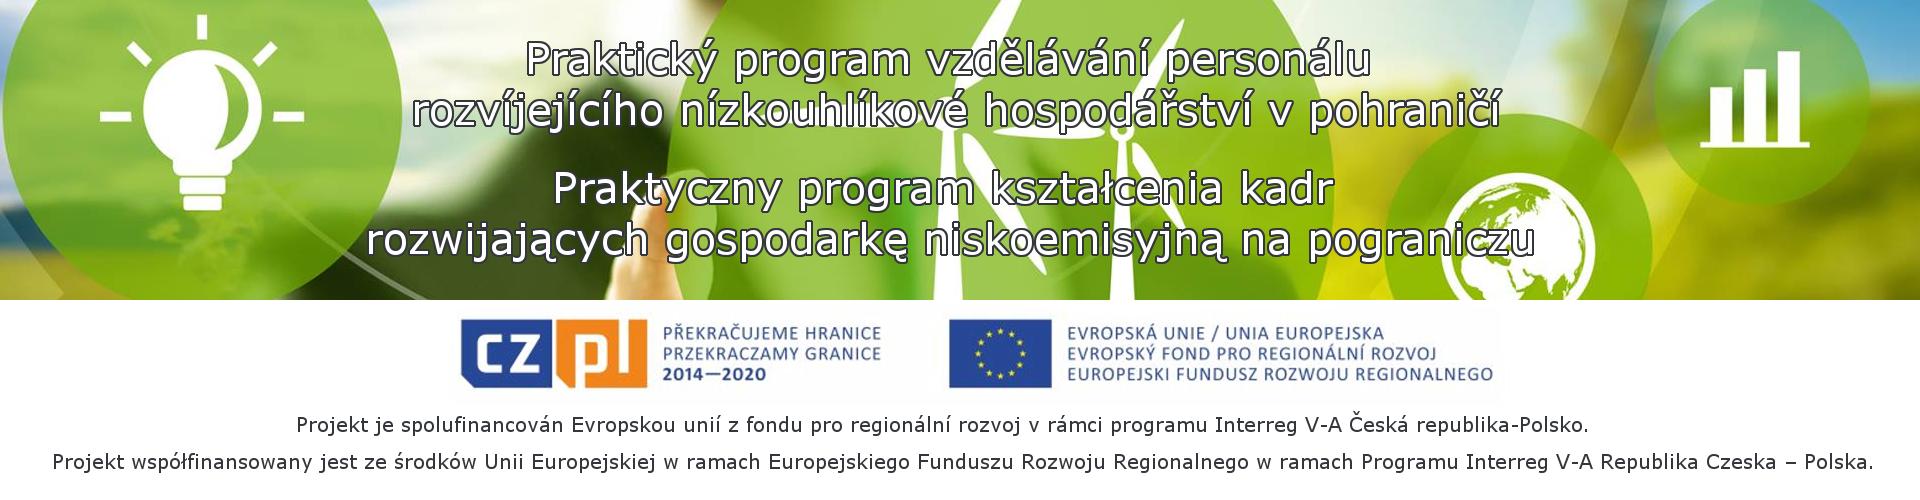 Praktyczny Program Kształcenia Kadr Rozwijających Gospodarkę Niskoemisyjną na Pograniczu